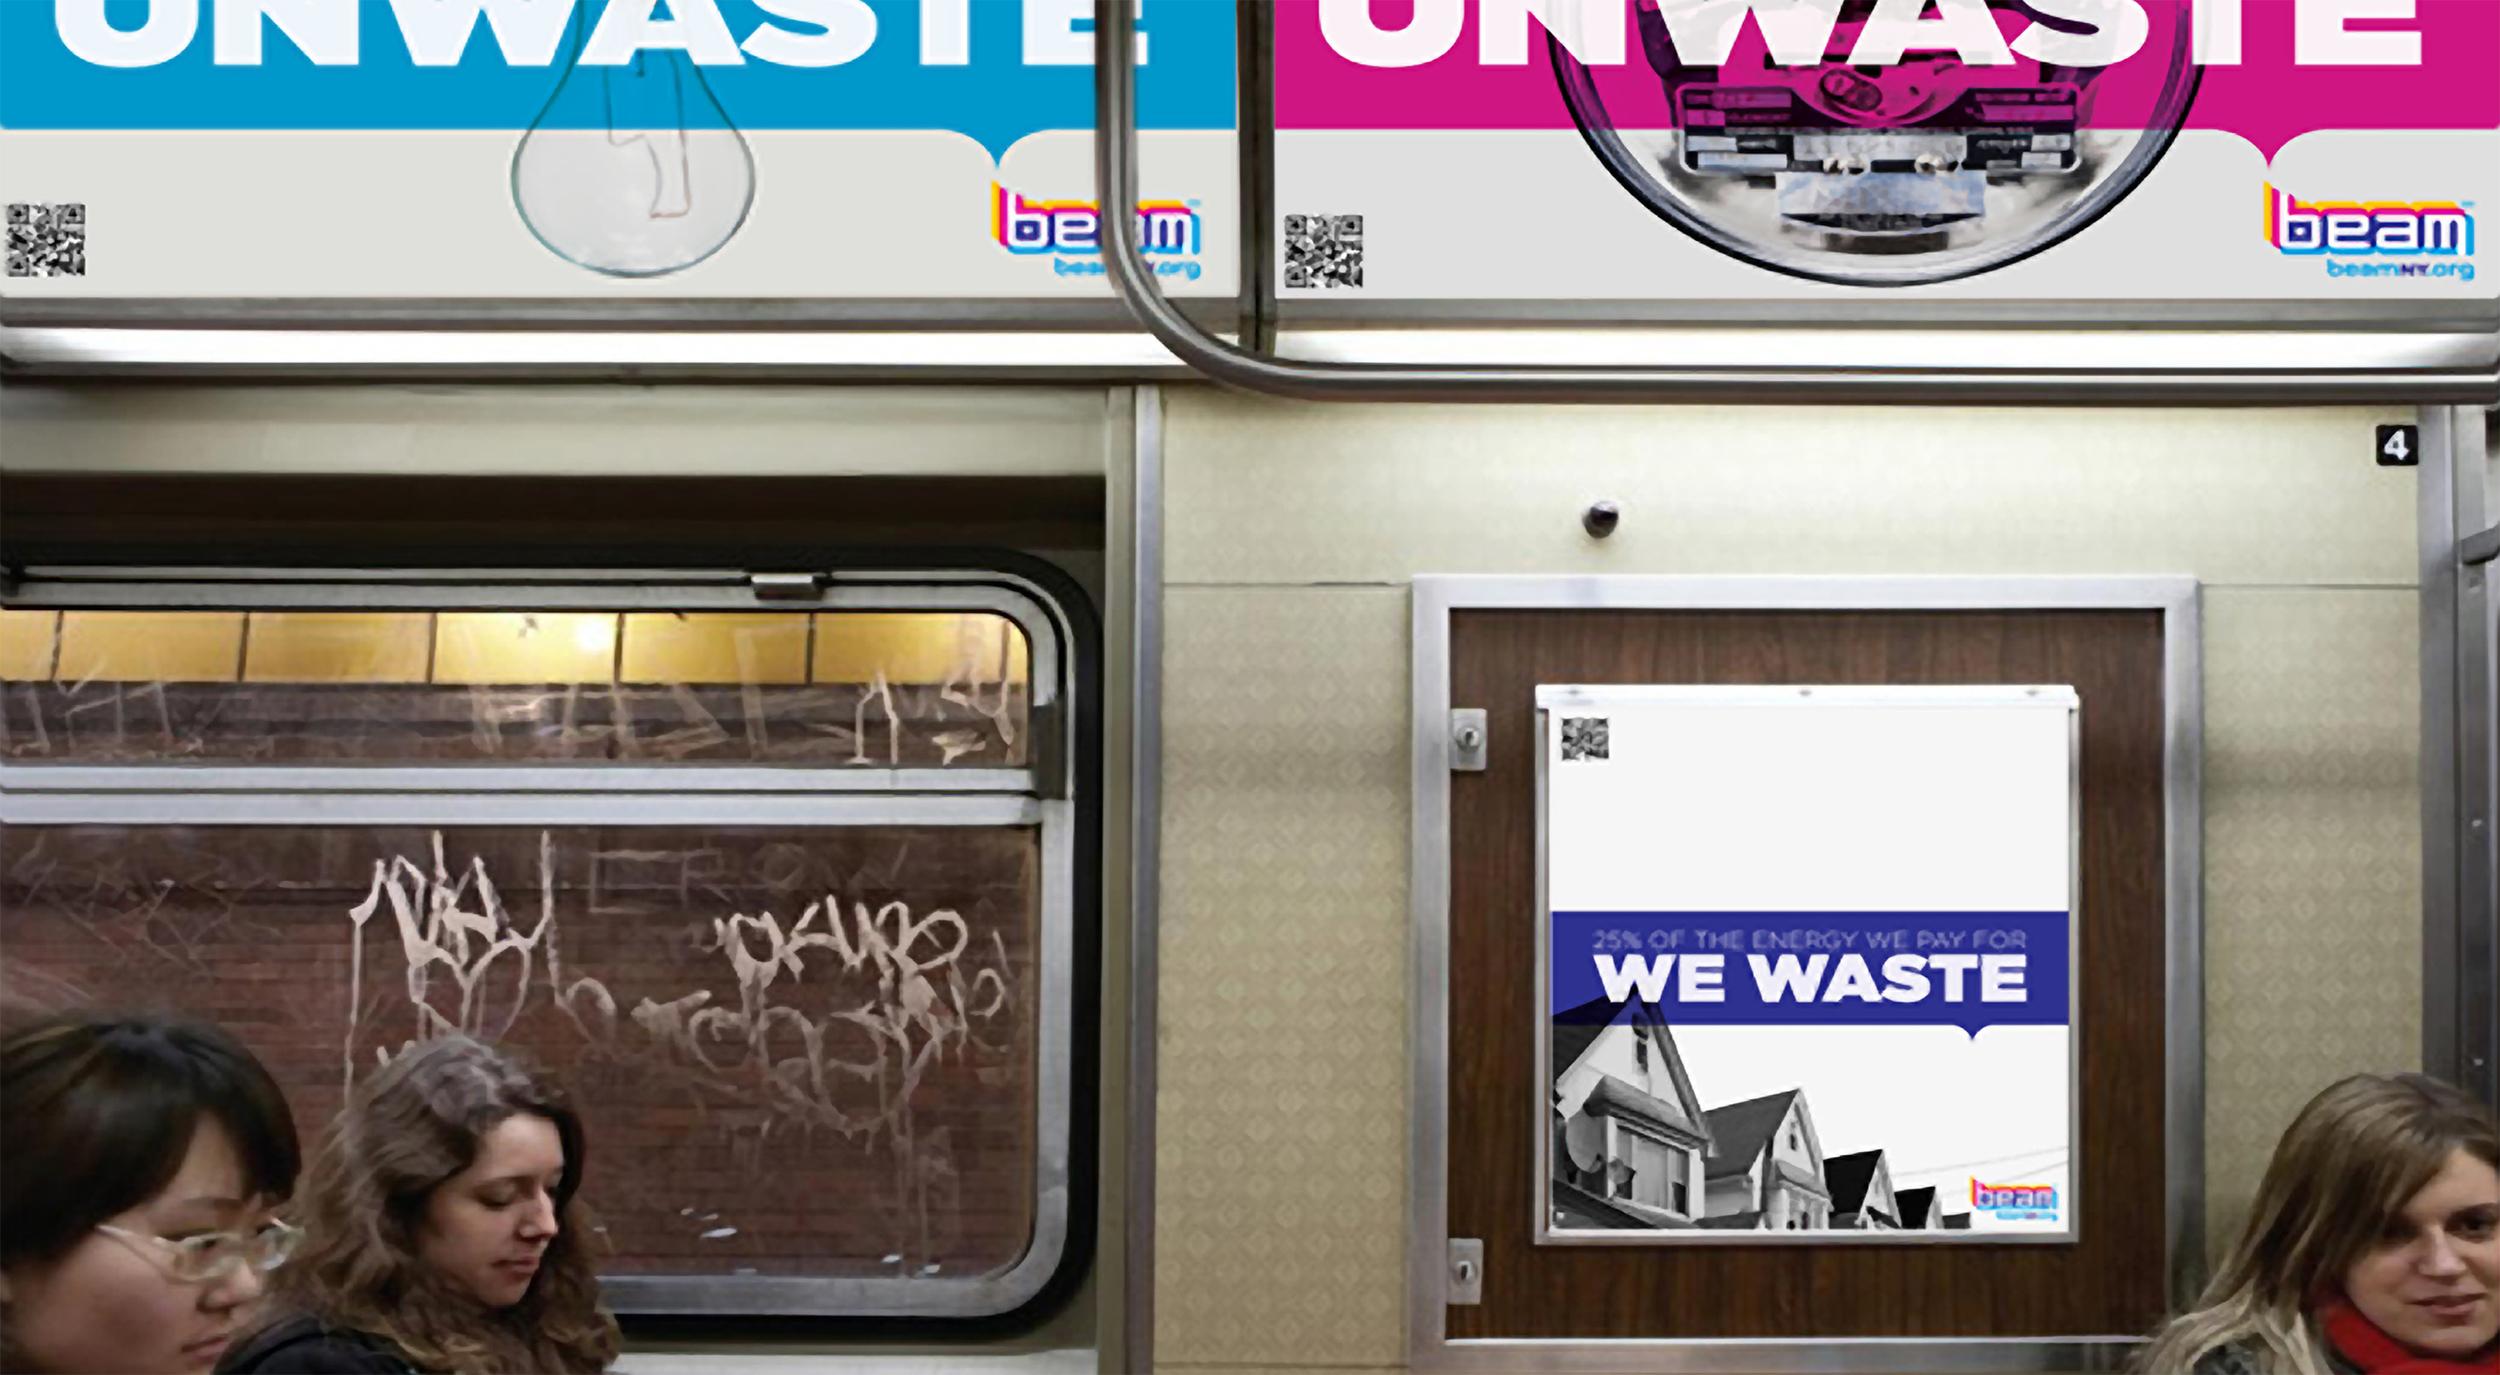 Beam_subway1.jpg